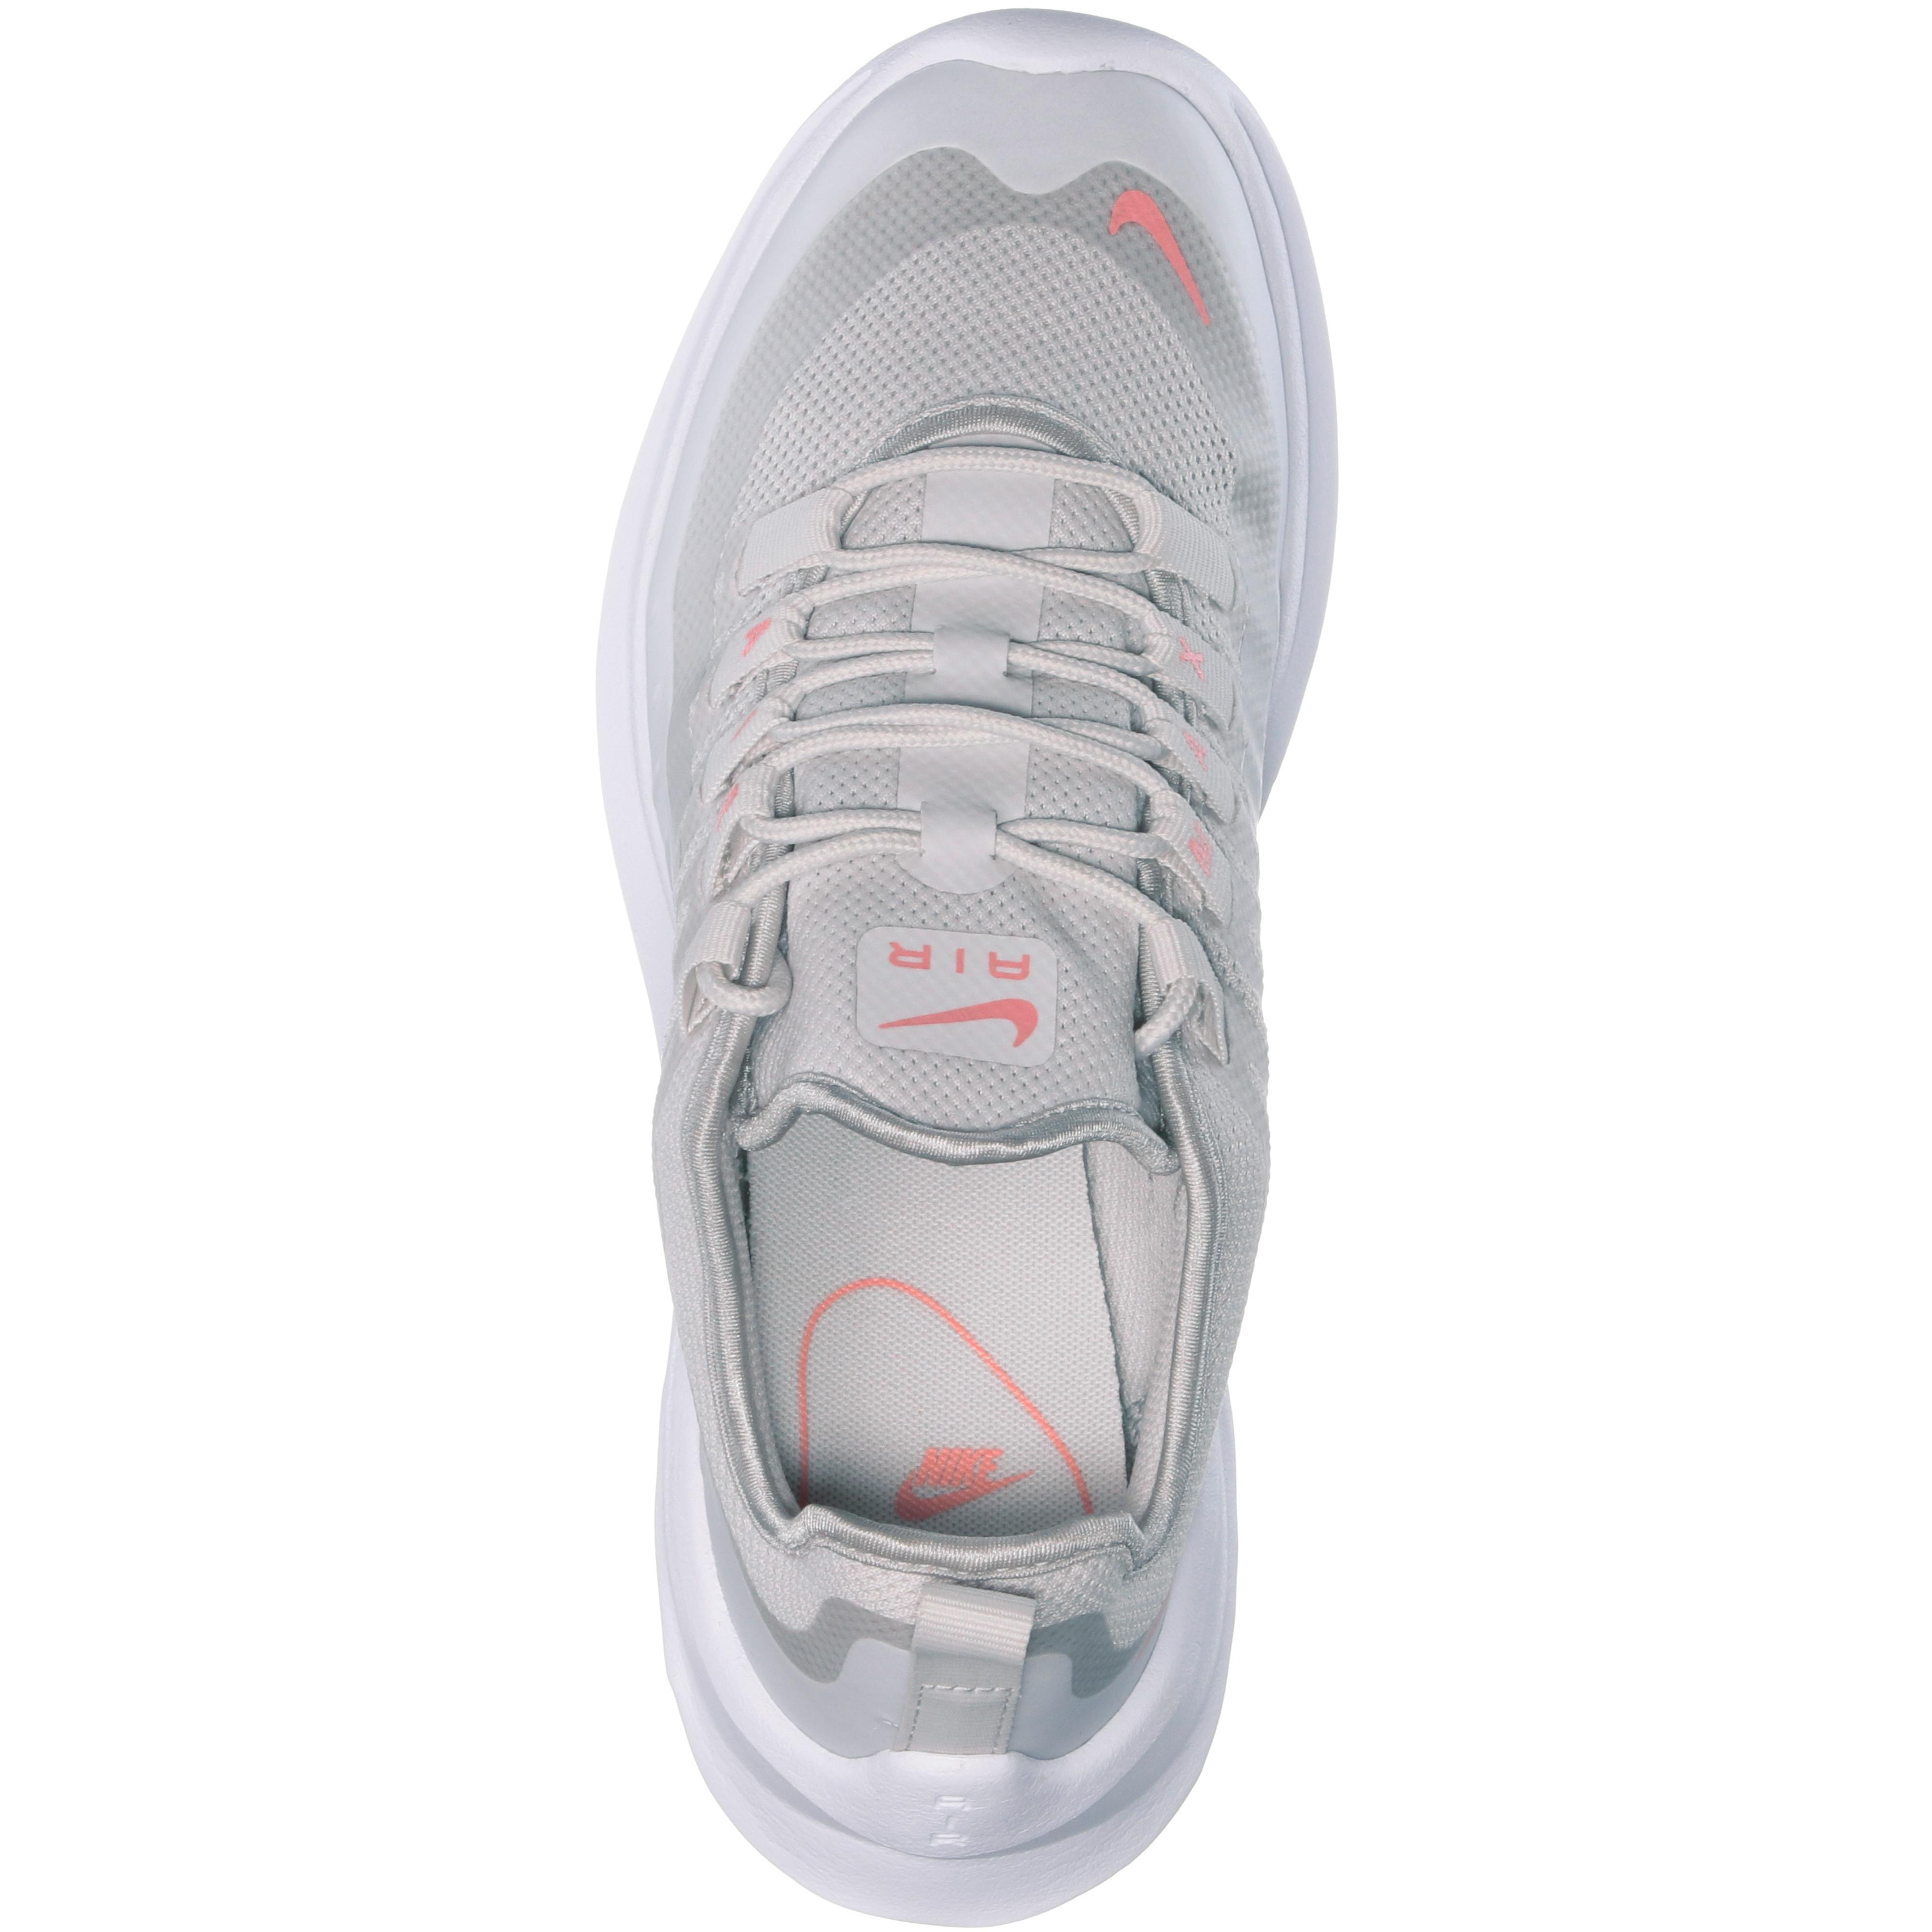 Nike Air Max Axis Sneaker Damen vast grey oracle pink im Online Shop von SportScheck kaufen